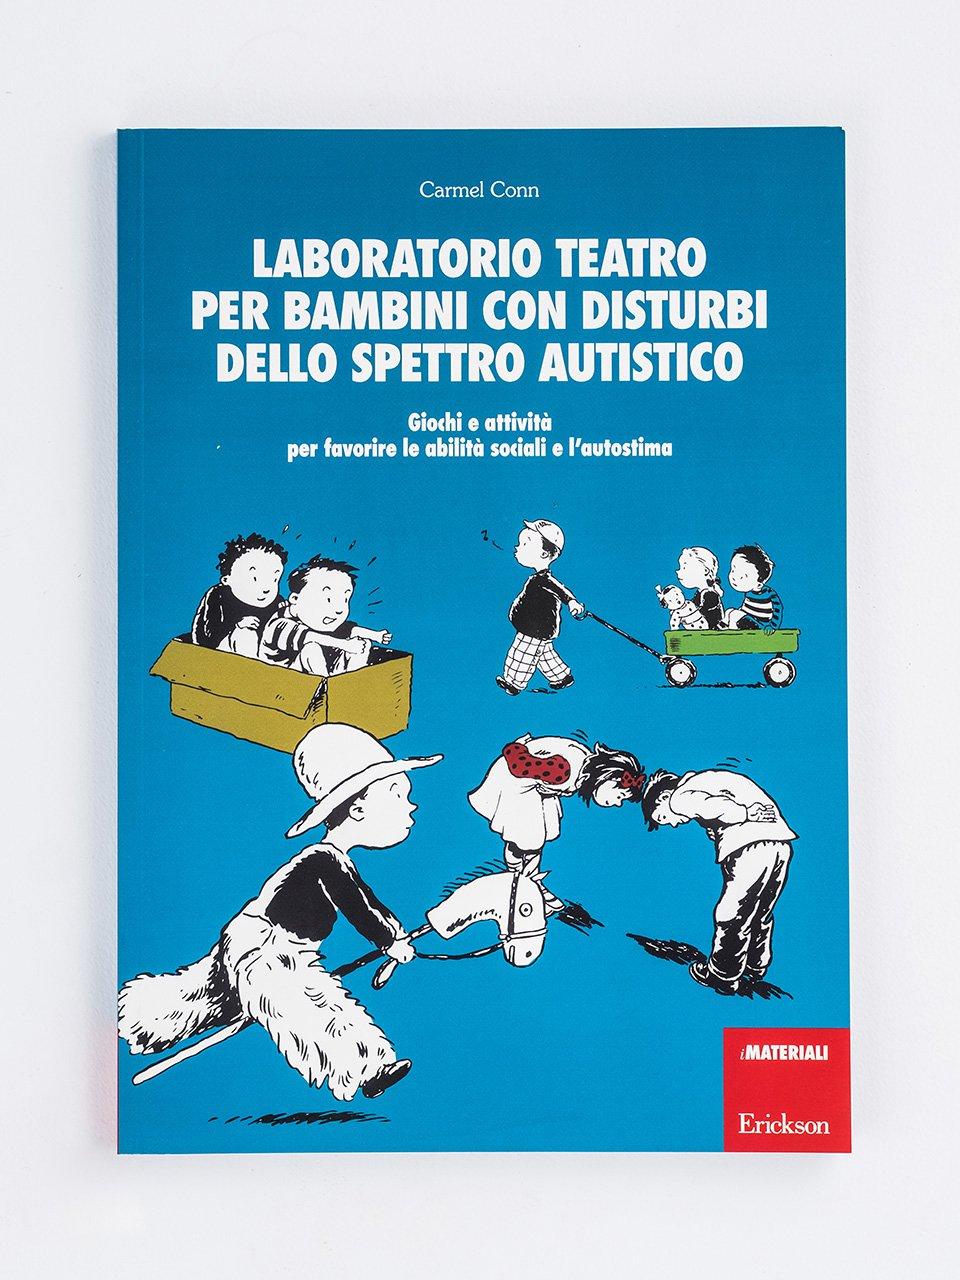 Laboratorio teatro per bambini con disturbi dello spettro autistico - Allenare le abilità socio-pragmatiche - Libri - Erickson